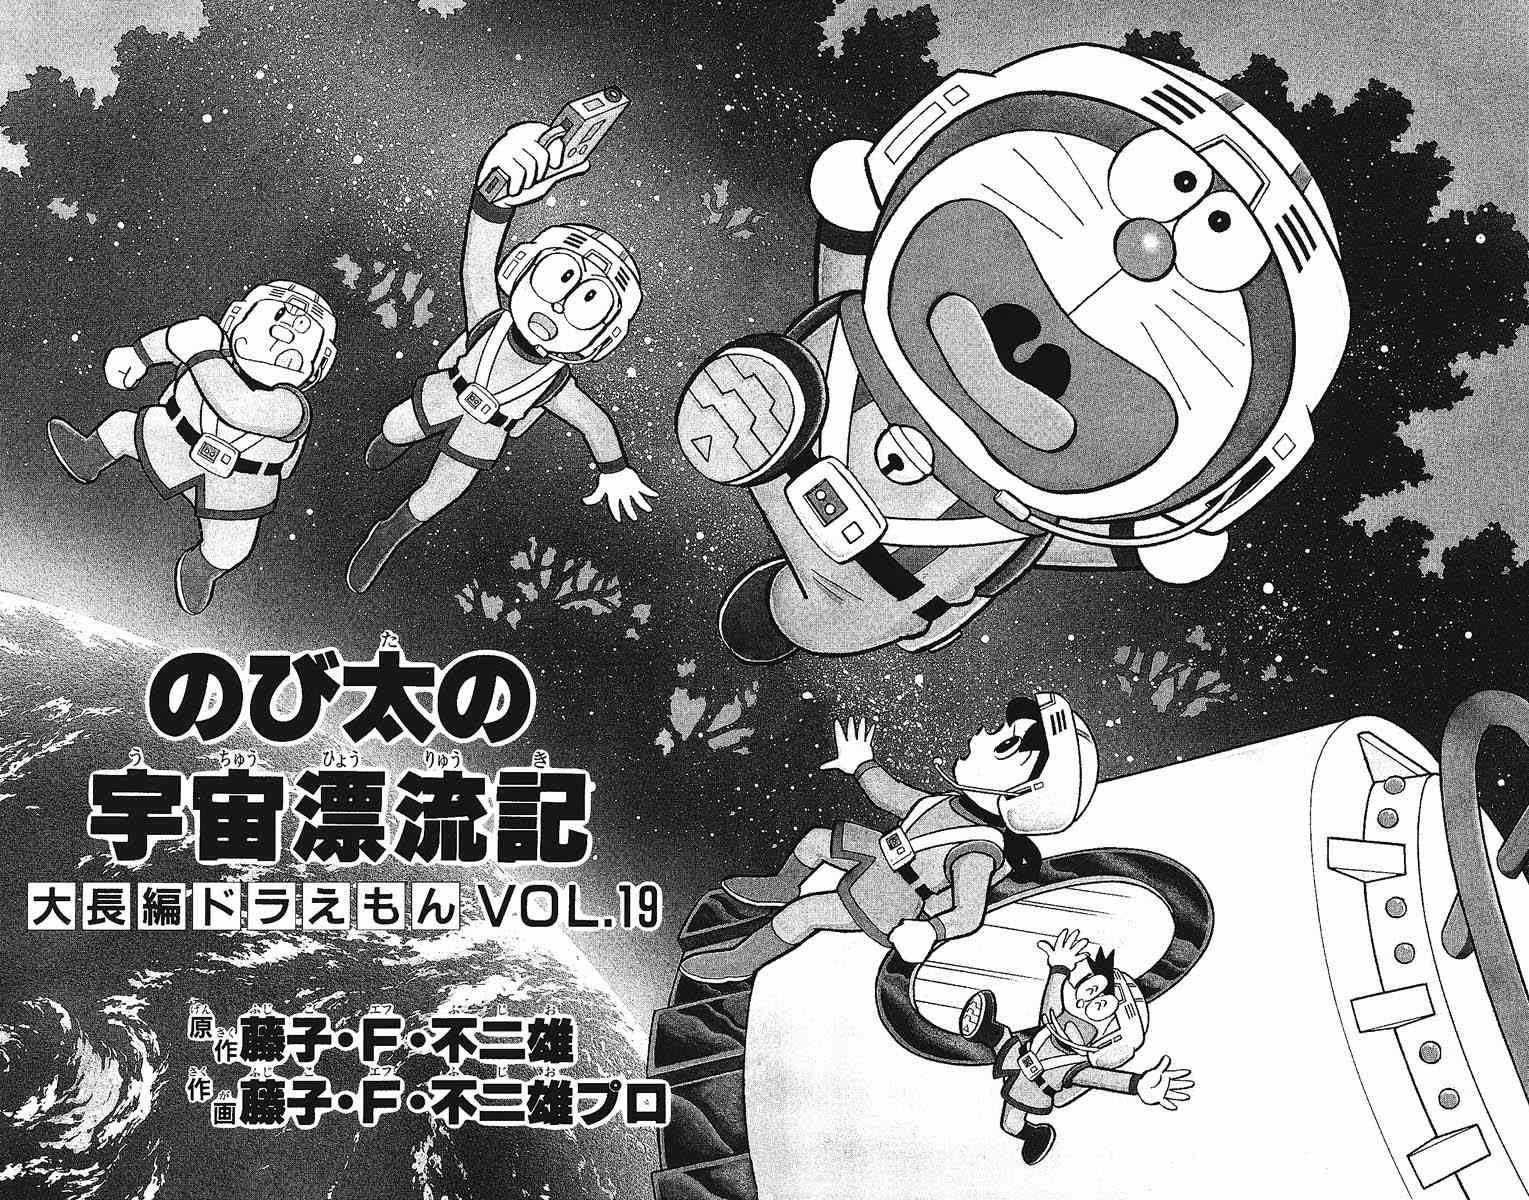 Doraemon truyện dài tập 19: Đi tìm miền đất mới